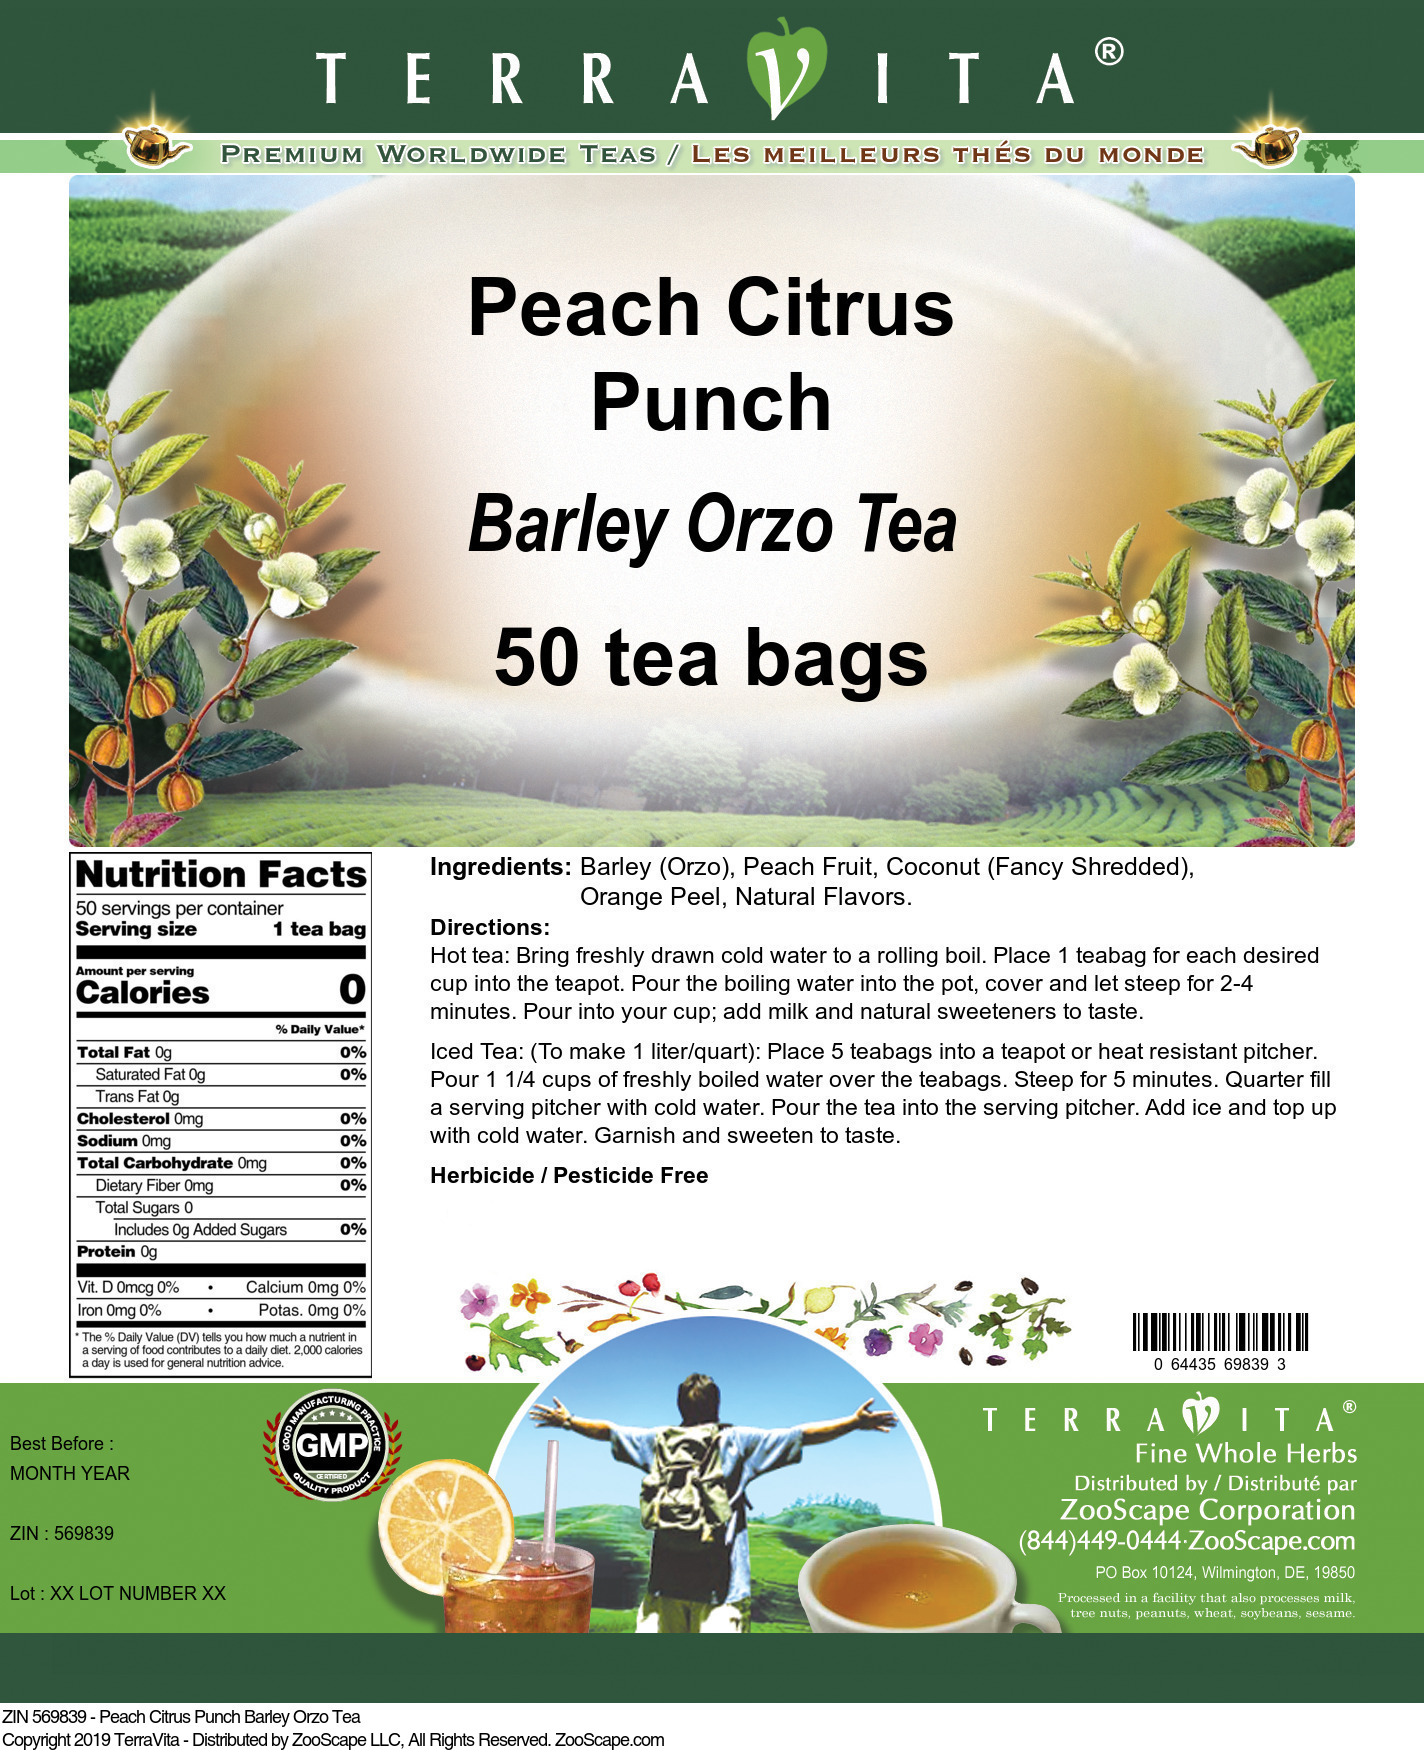 Peach Citrus Punch Barley Orzo Tea